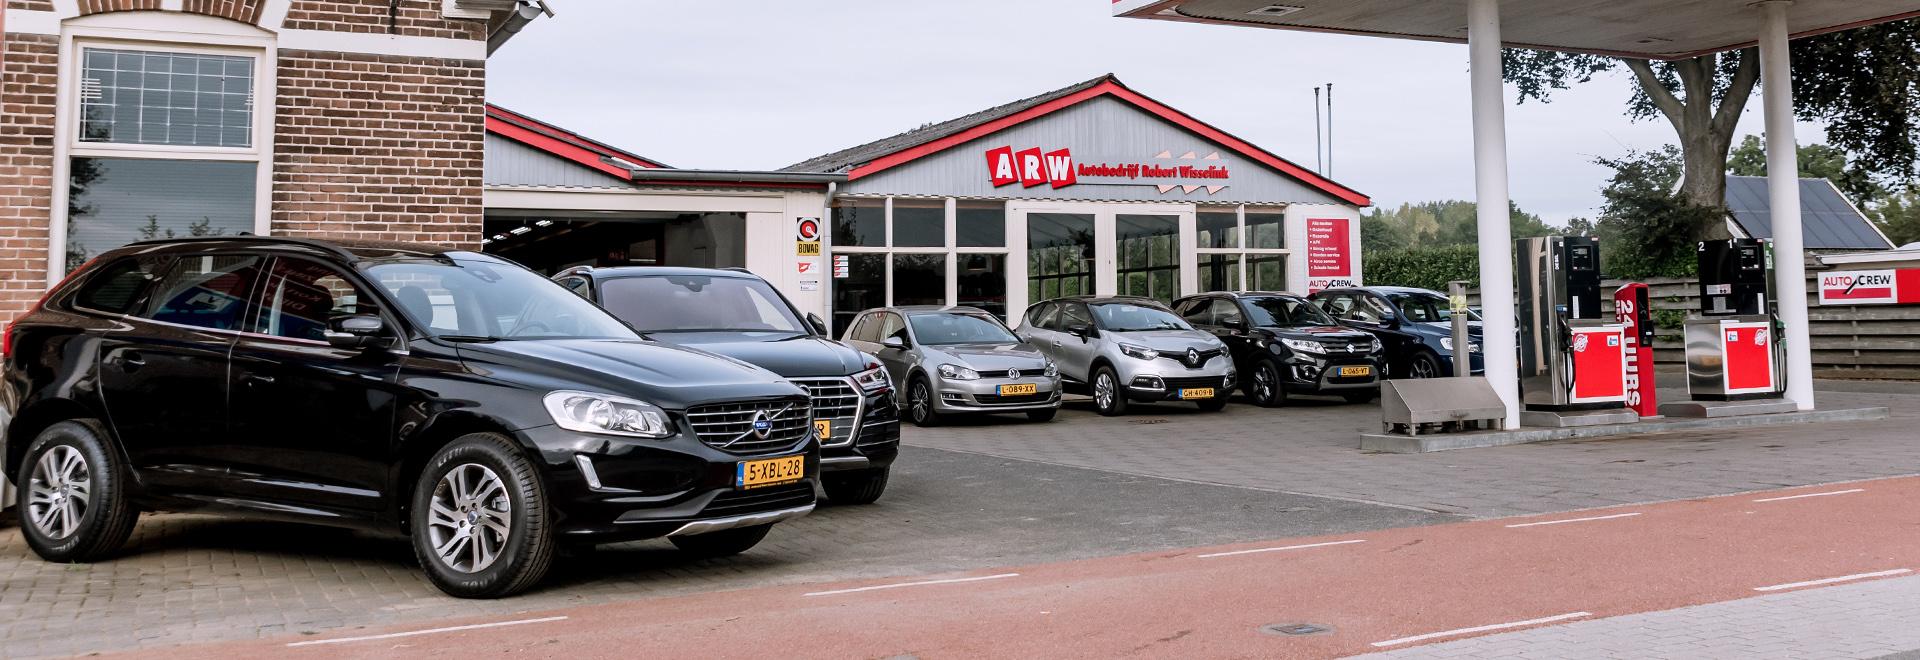 Auto Verzekering Autobedrijf Robert Wisselink in Baak